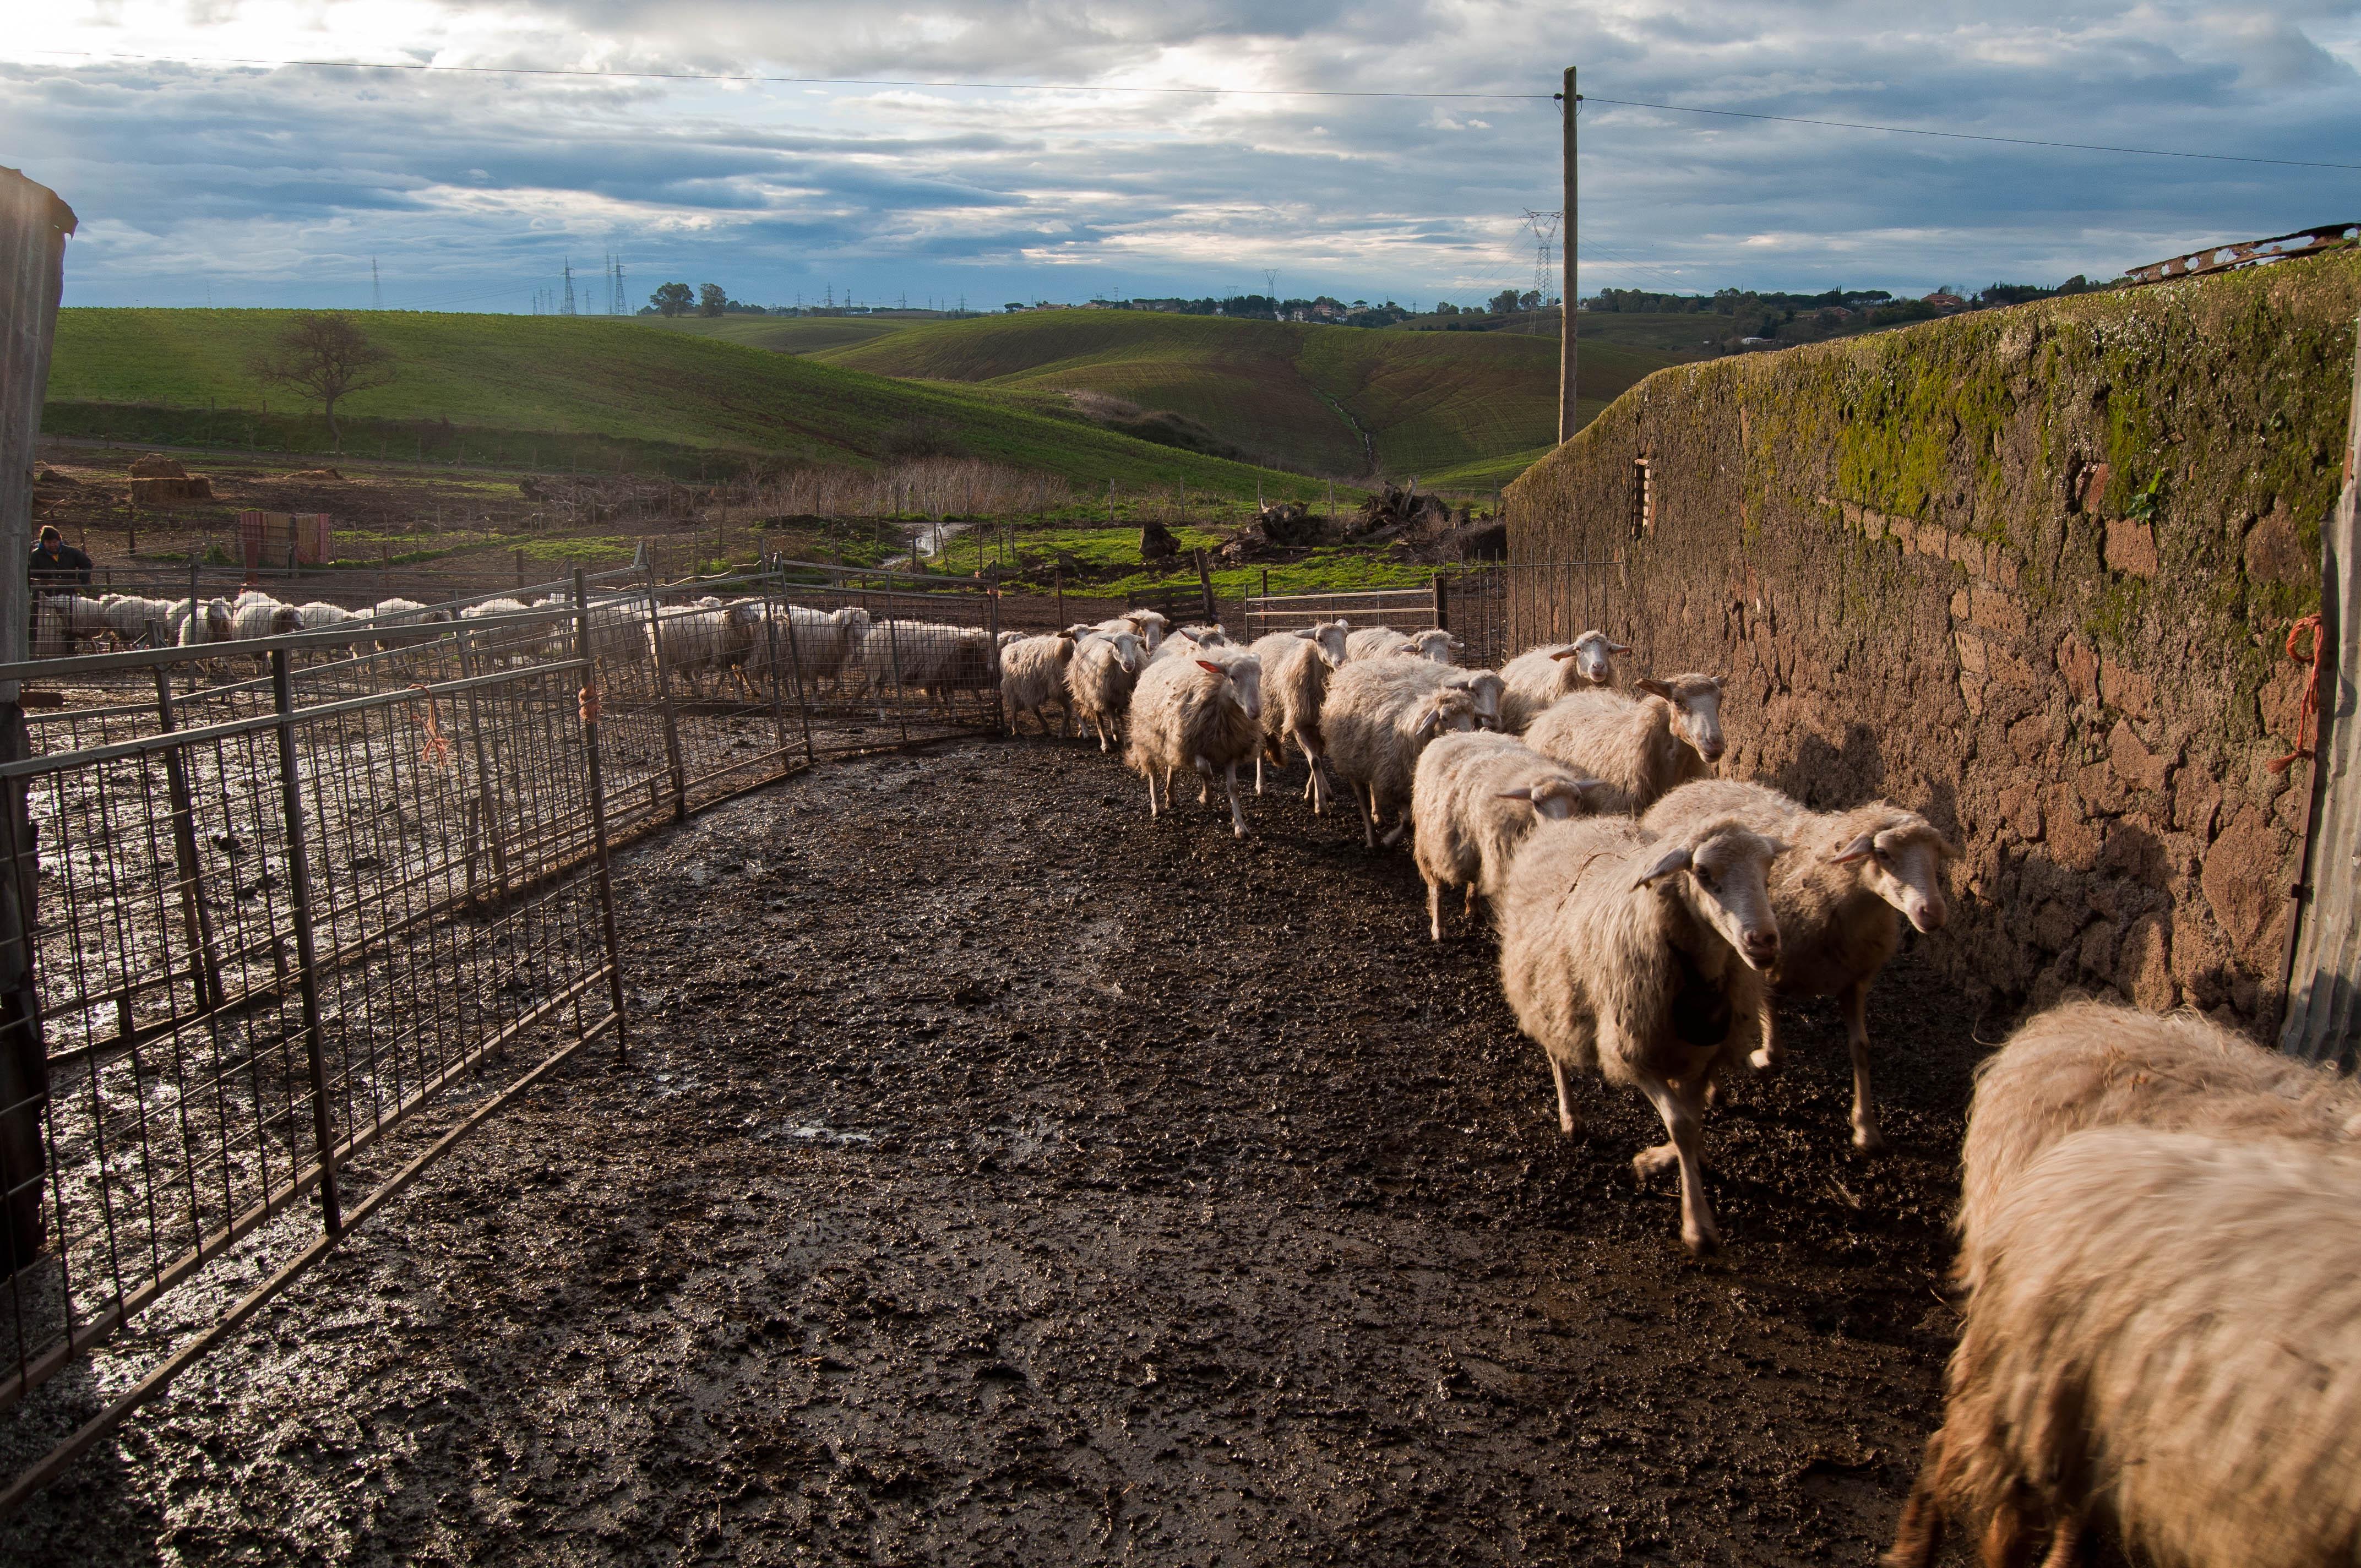 Agro romano concorso fotografico i paesaggi del cibo for Cibo romano